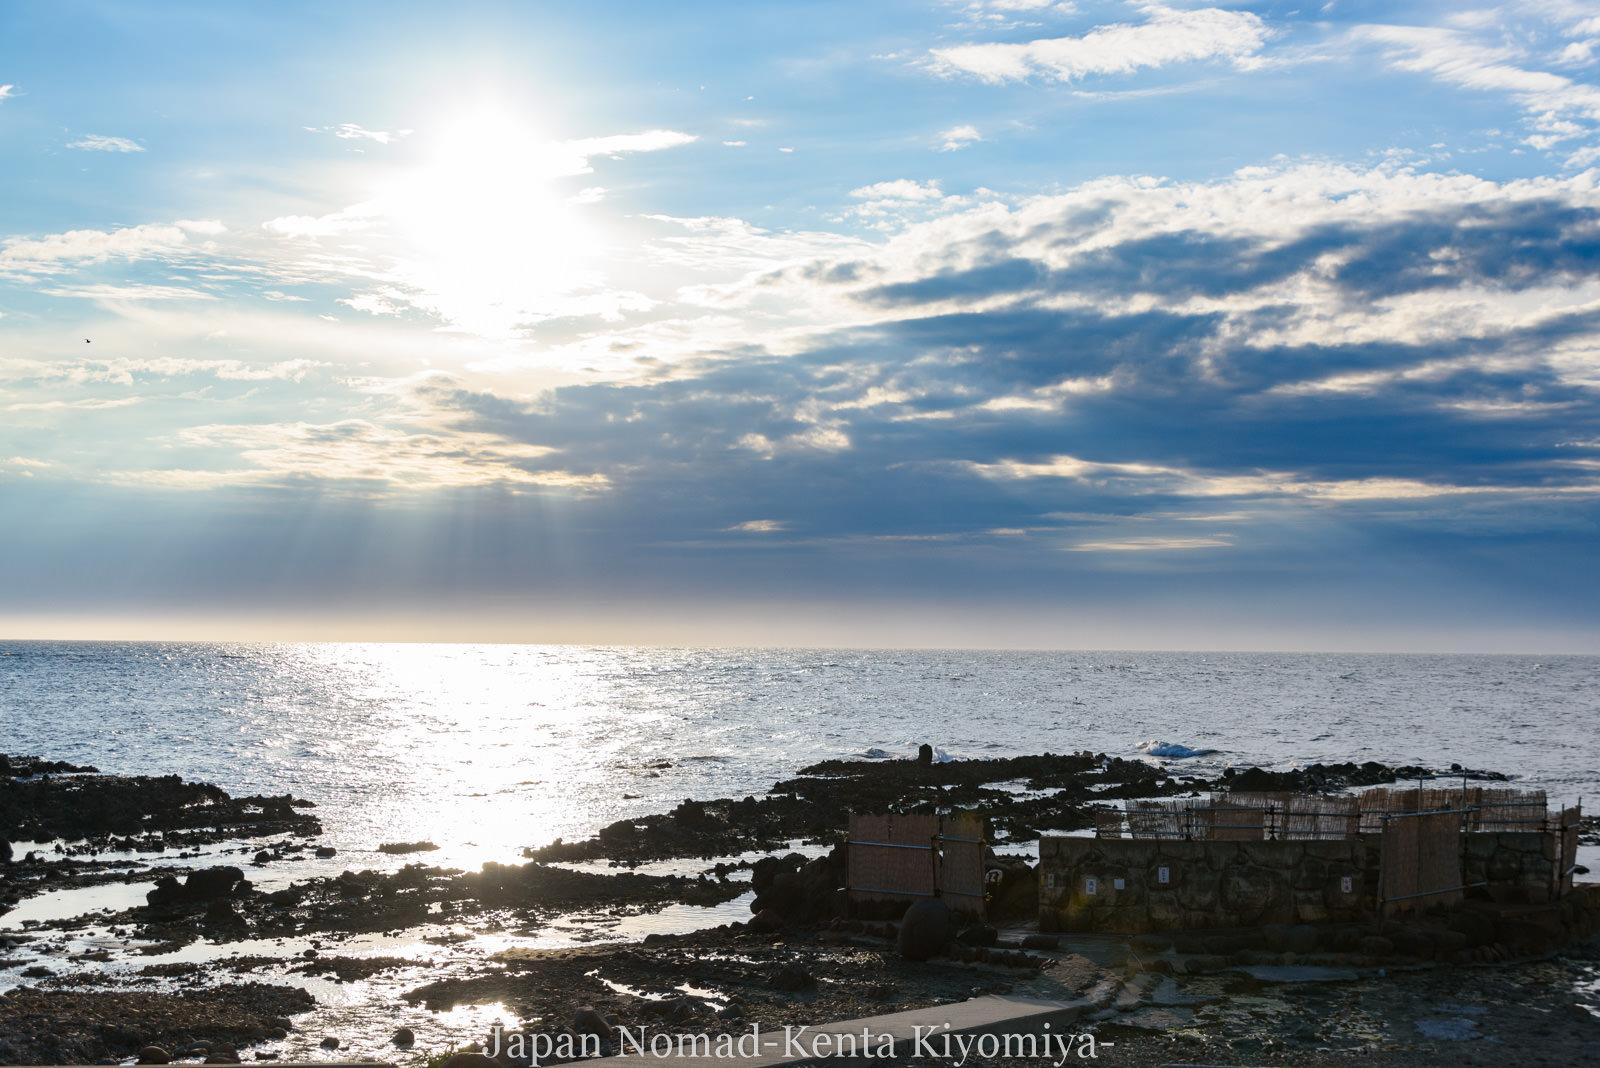 【旅124日目】日本海から5mにある露天風呂「不老ふ死温泉」へ!